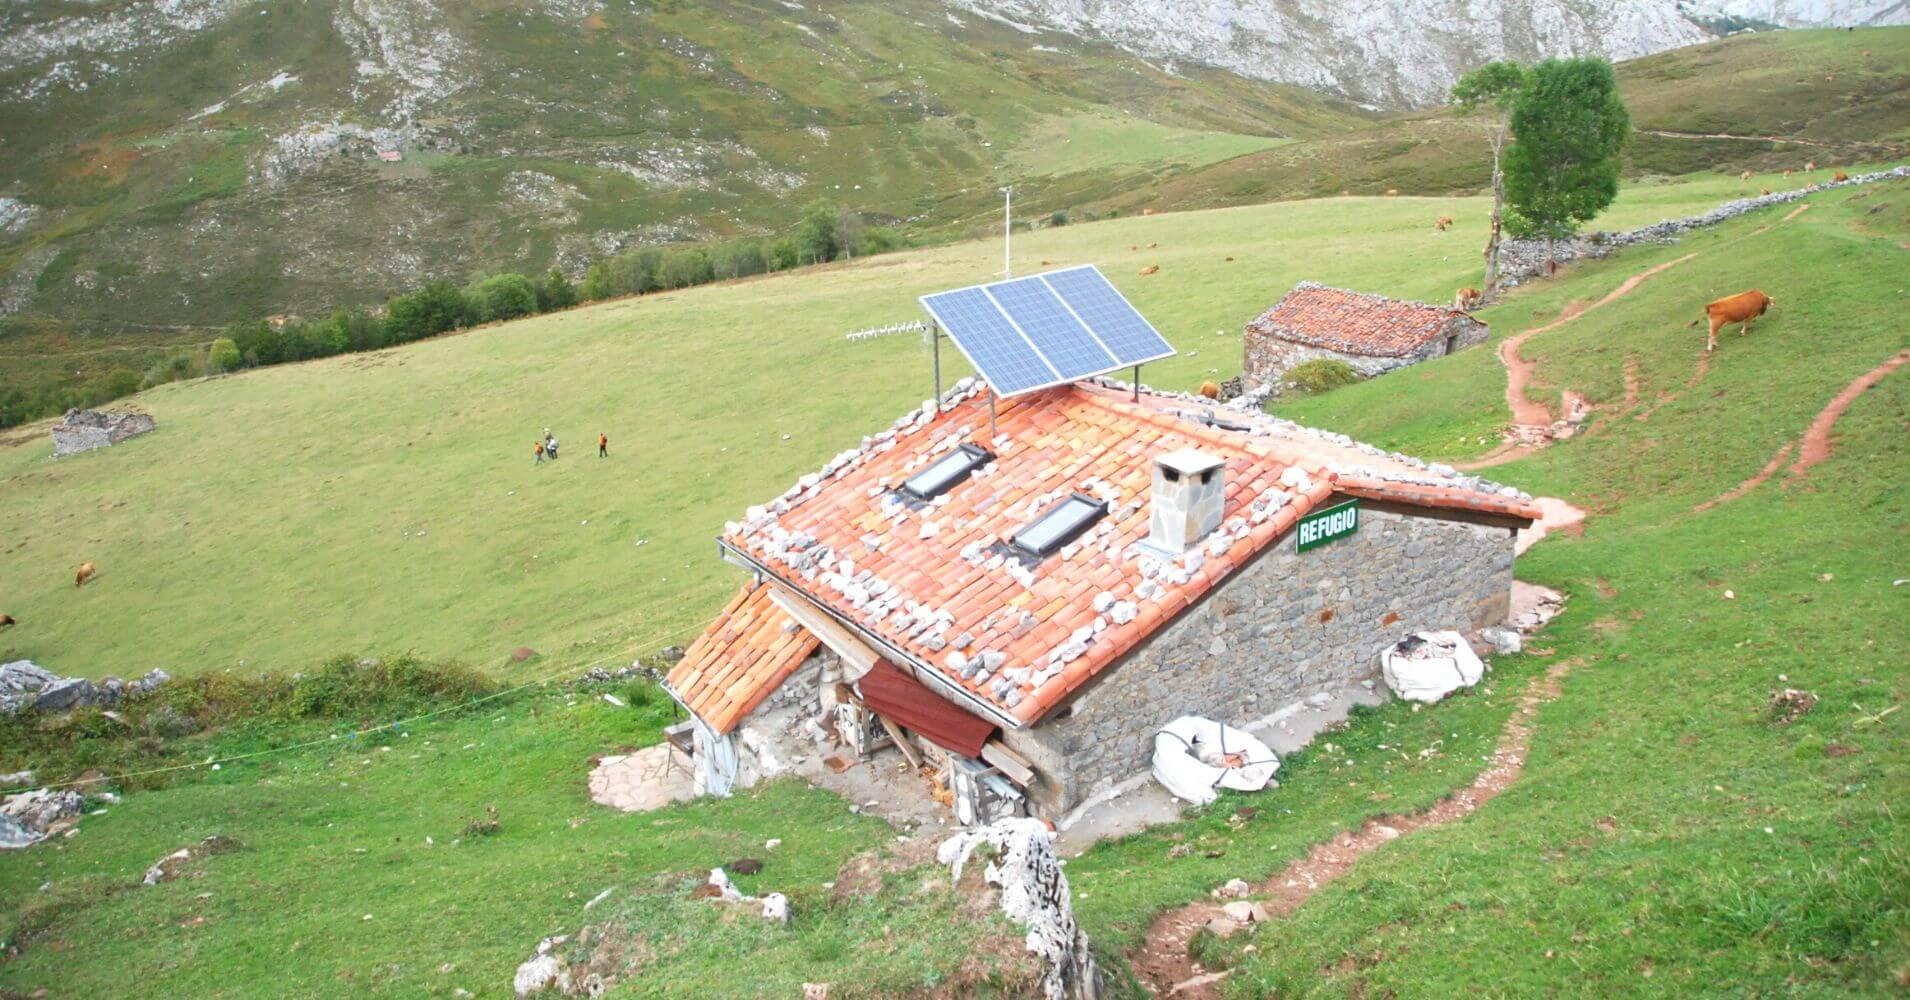 Refugio de la Tenerosa. Travesía de Picos de Europa. Asturias.